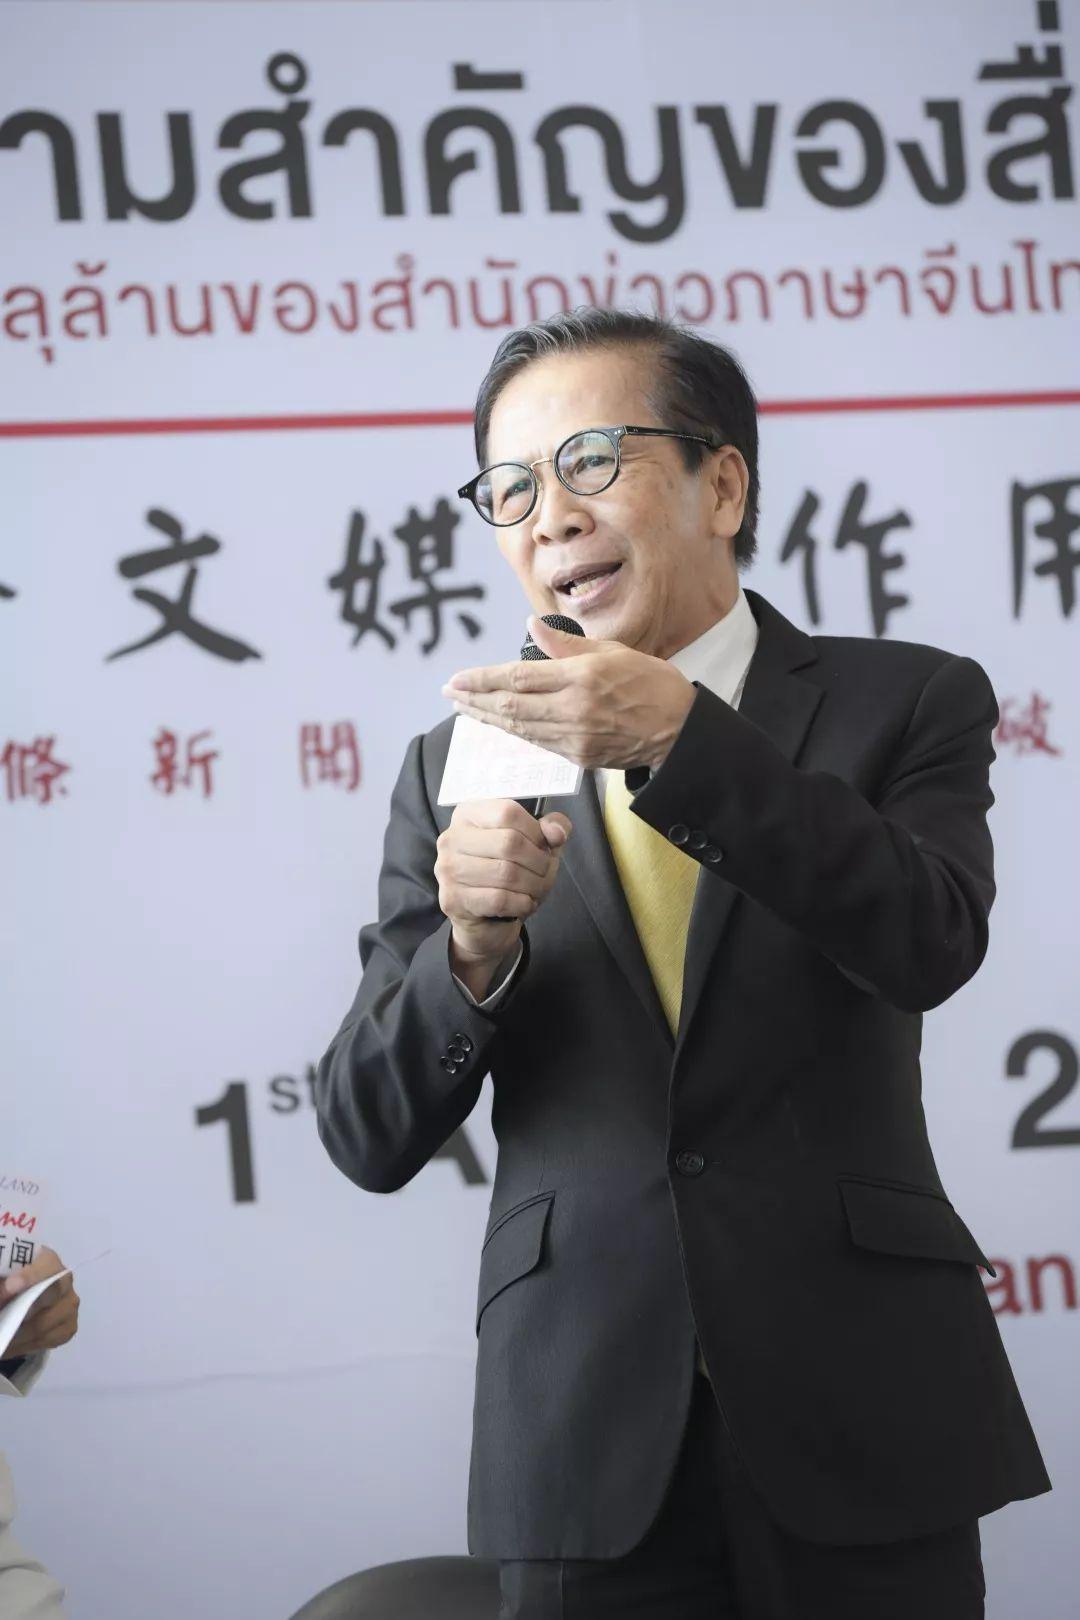 泰国头条新闻隆重举办在泰华媒角色与重要性论坛